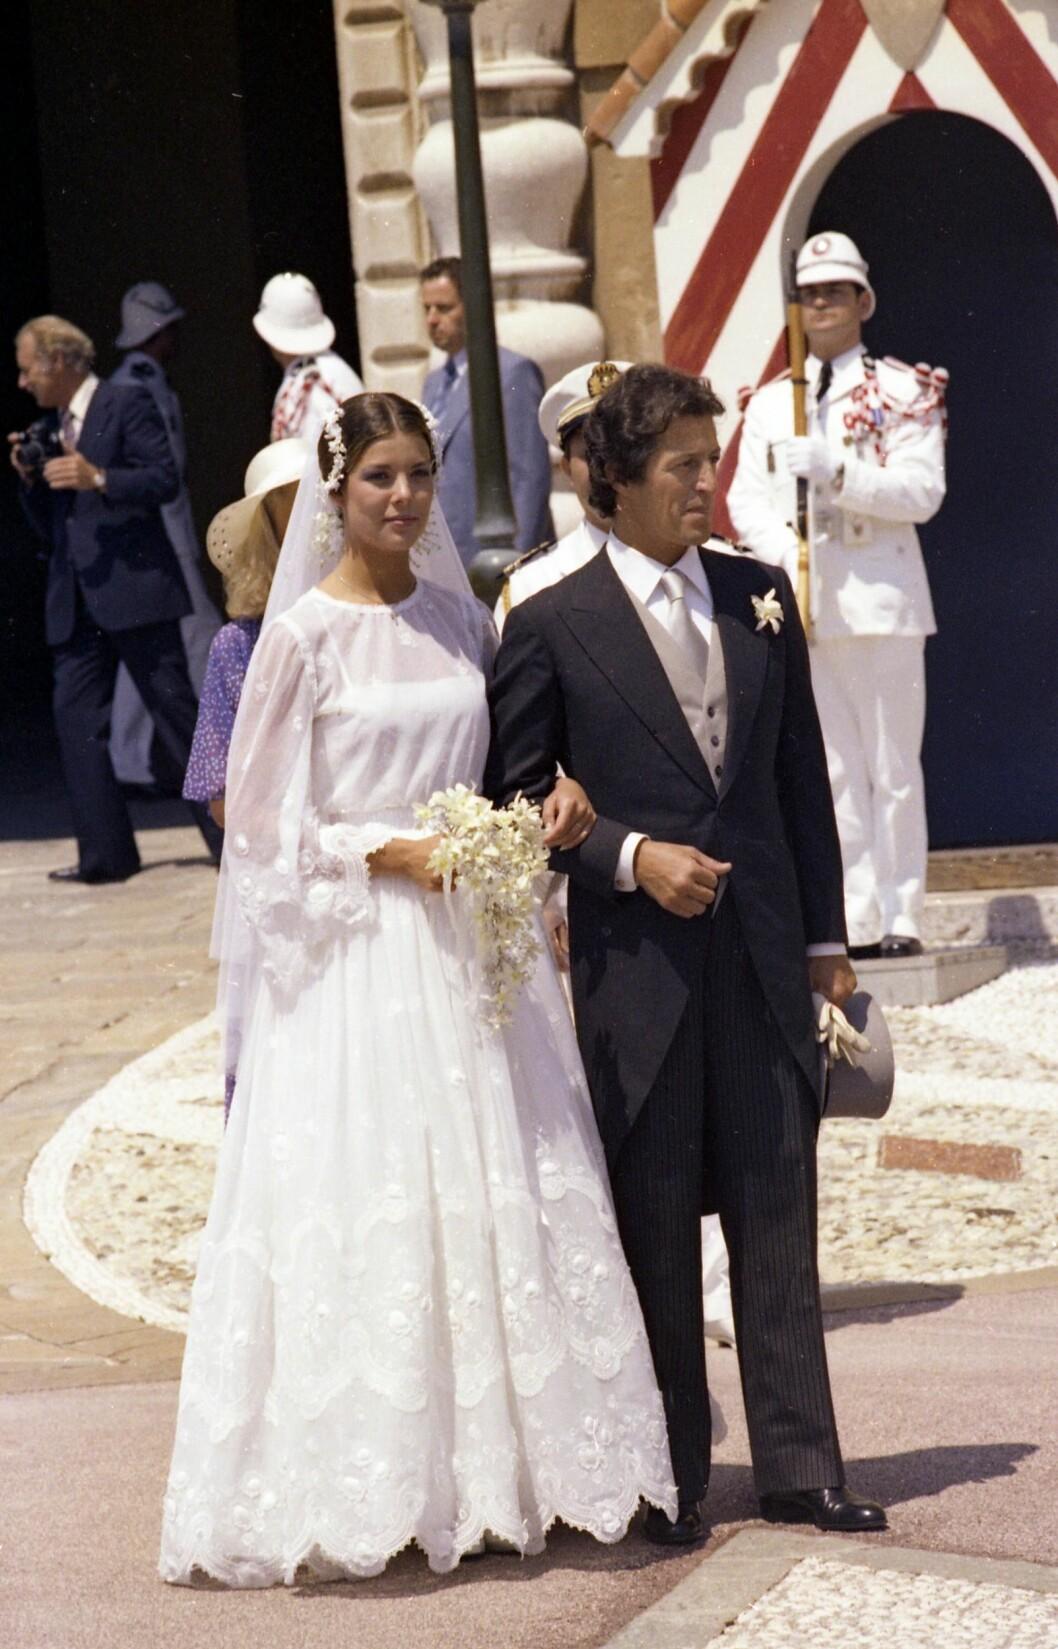 <strong>VAKKER BRUD:</strong> Prinsesse Caroline og Philippe Junot fotografert på bryllupsdagen 29. juni 1978.J De giftet seg i en storslått seremoni i Monaco. Foto: NTB Scanpix